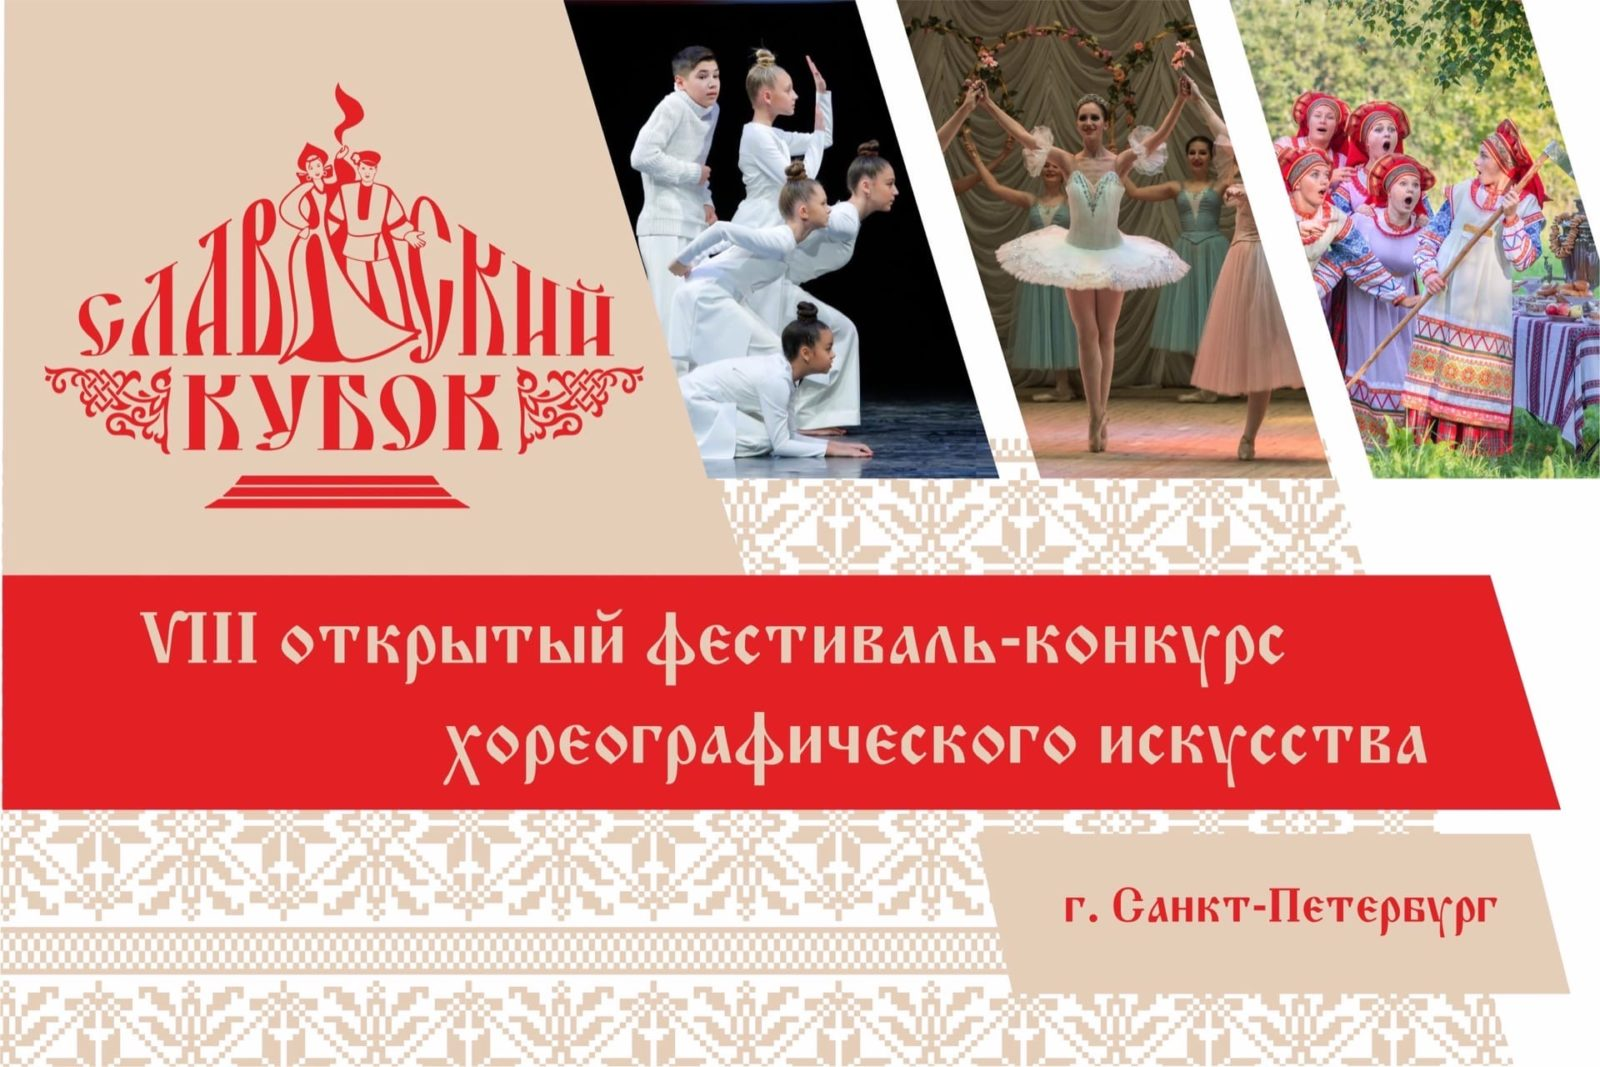 Победы на Хореографическом фестивале-конкурсе «Славянский кубок»